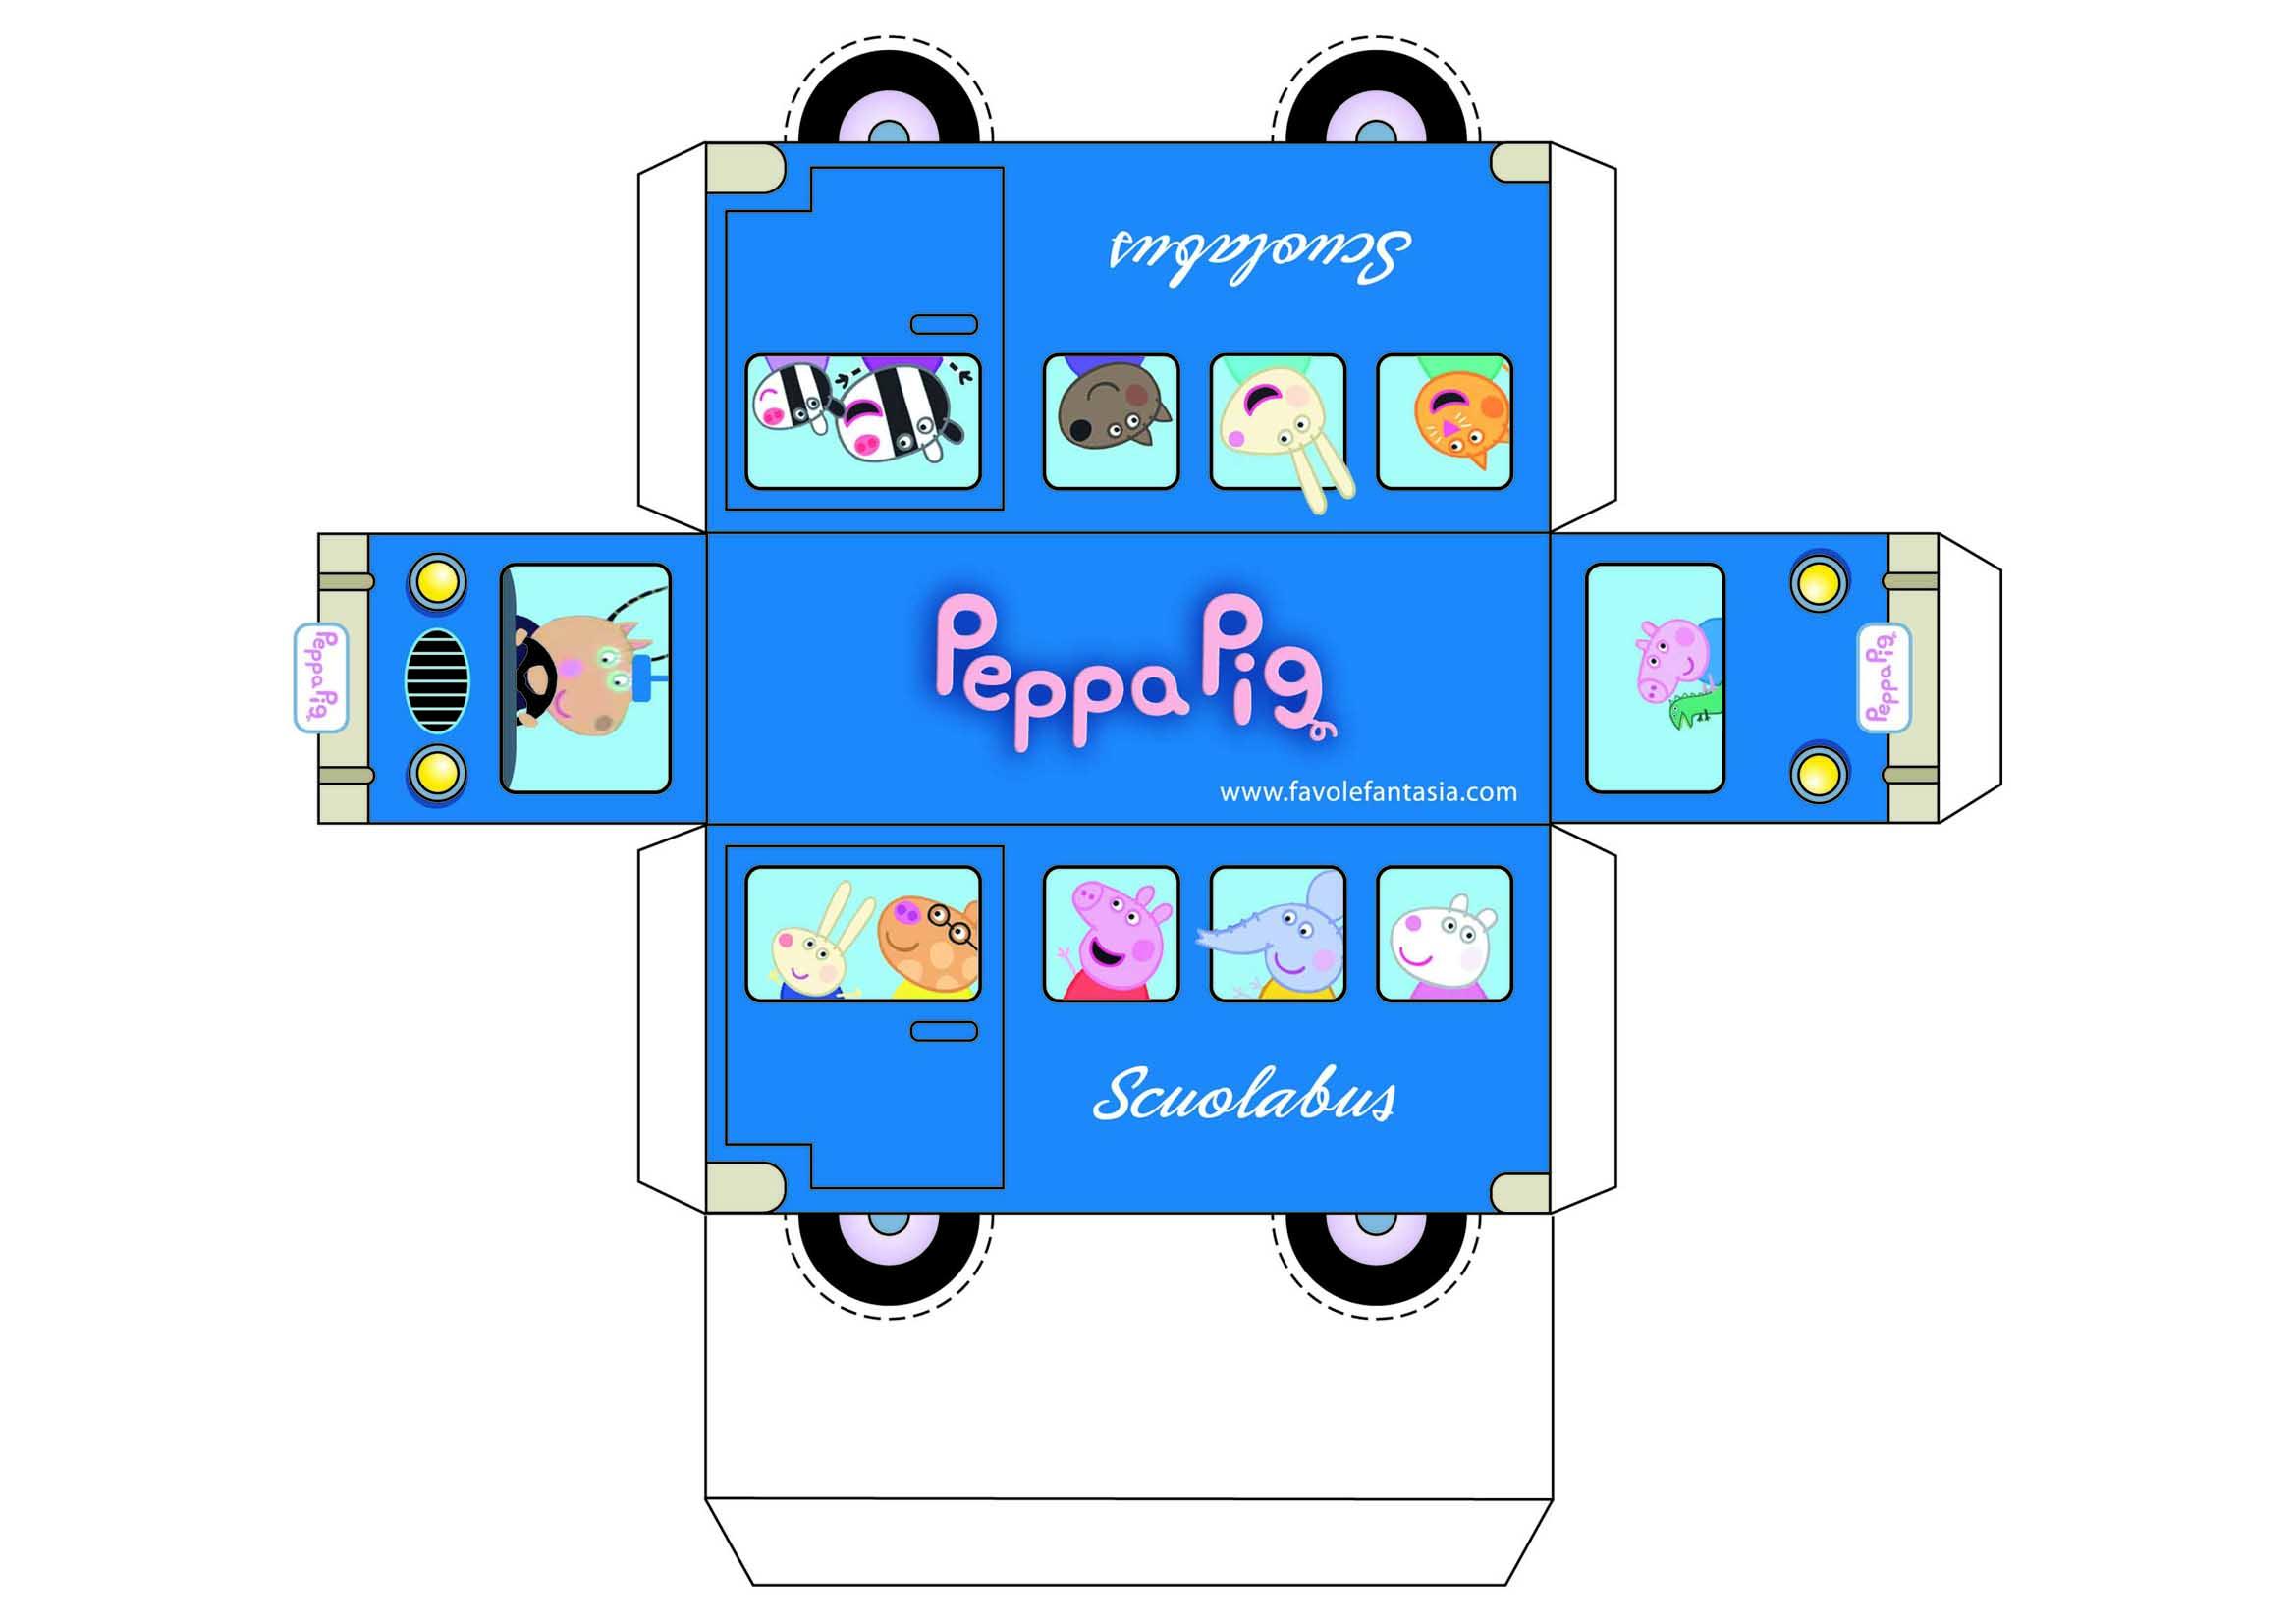 Scuolabus di Peppa Pig